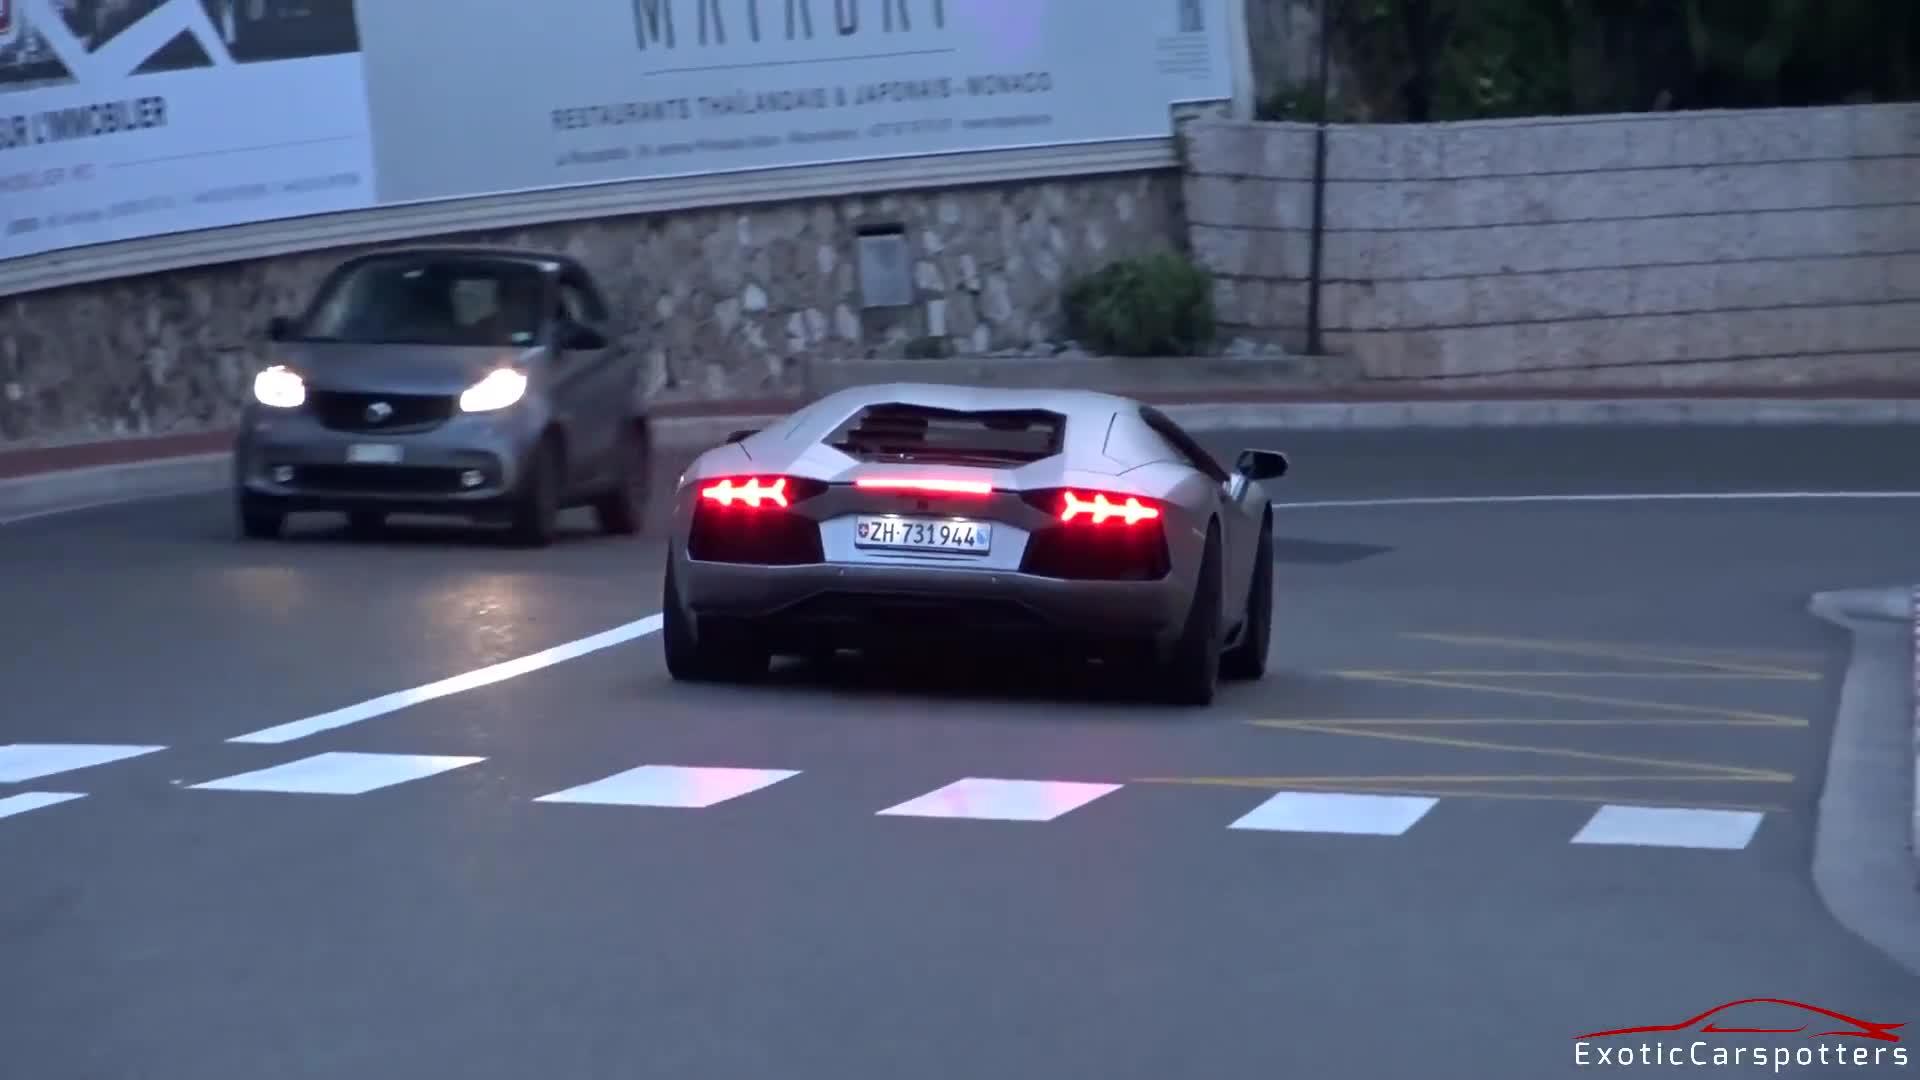 Lamborghini Aventador LP700-4 chính hãng nâng cấp hệ thống ống xả trị giá hàng trăm triệu đồng